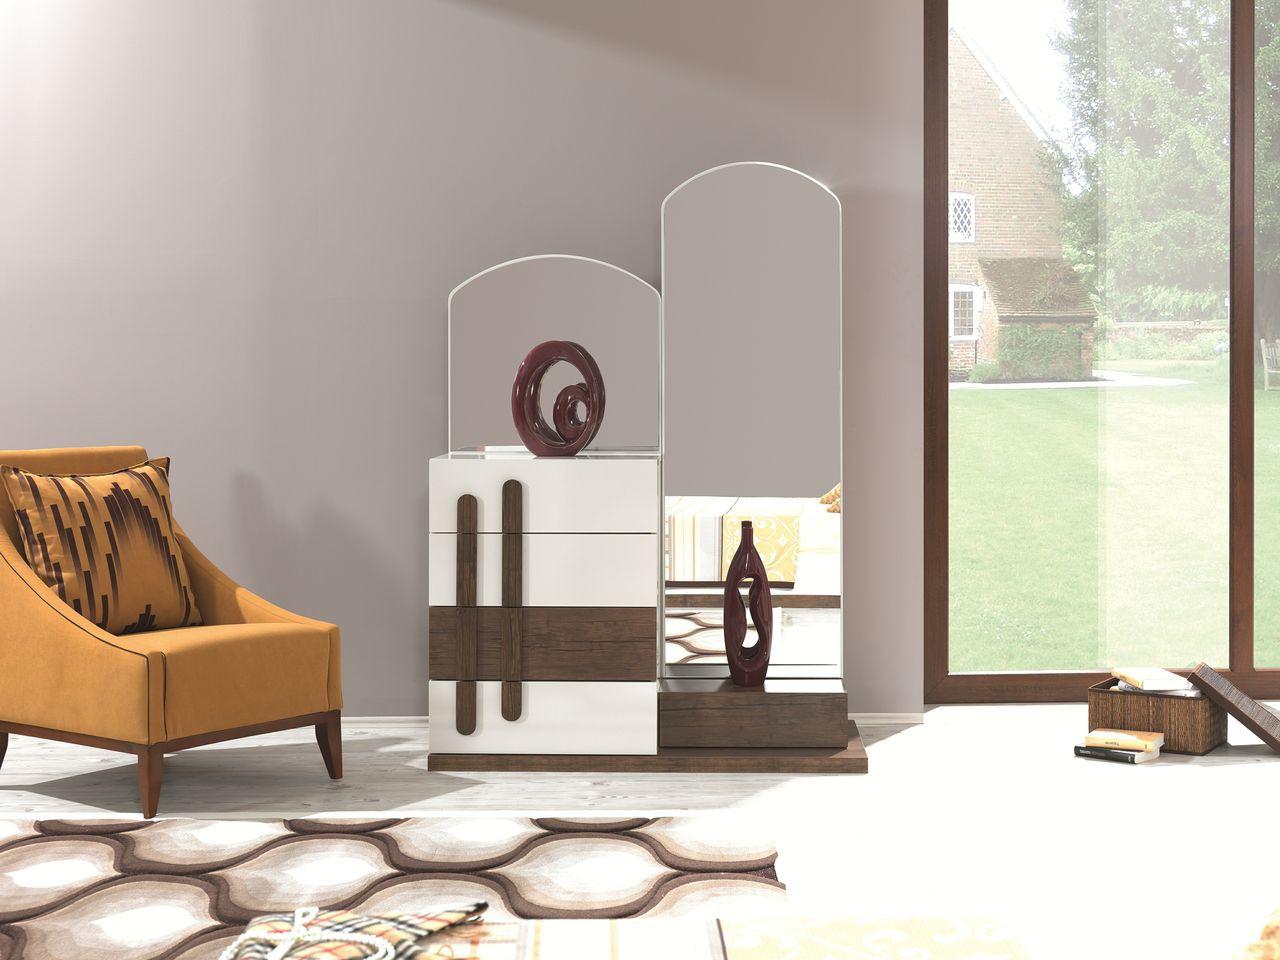 Design ladekast slaapkamer beste inspiratie voor huis ontwerp - Designer slaapkamer ...